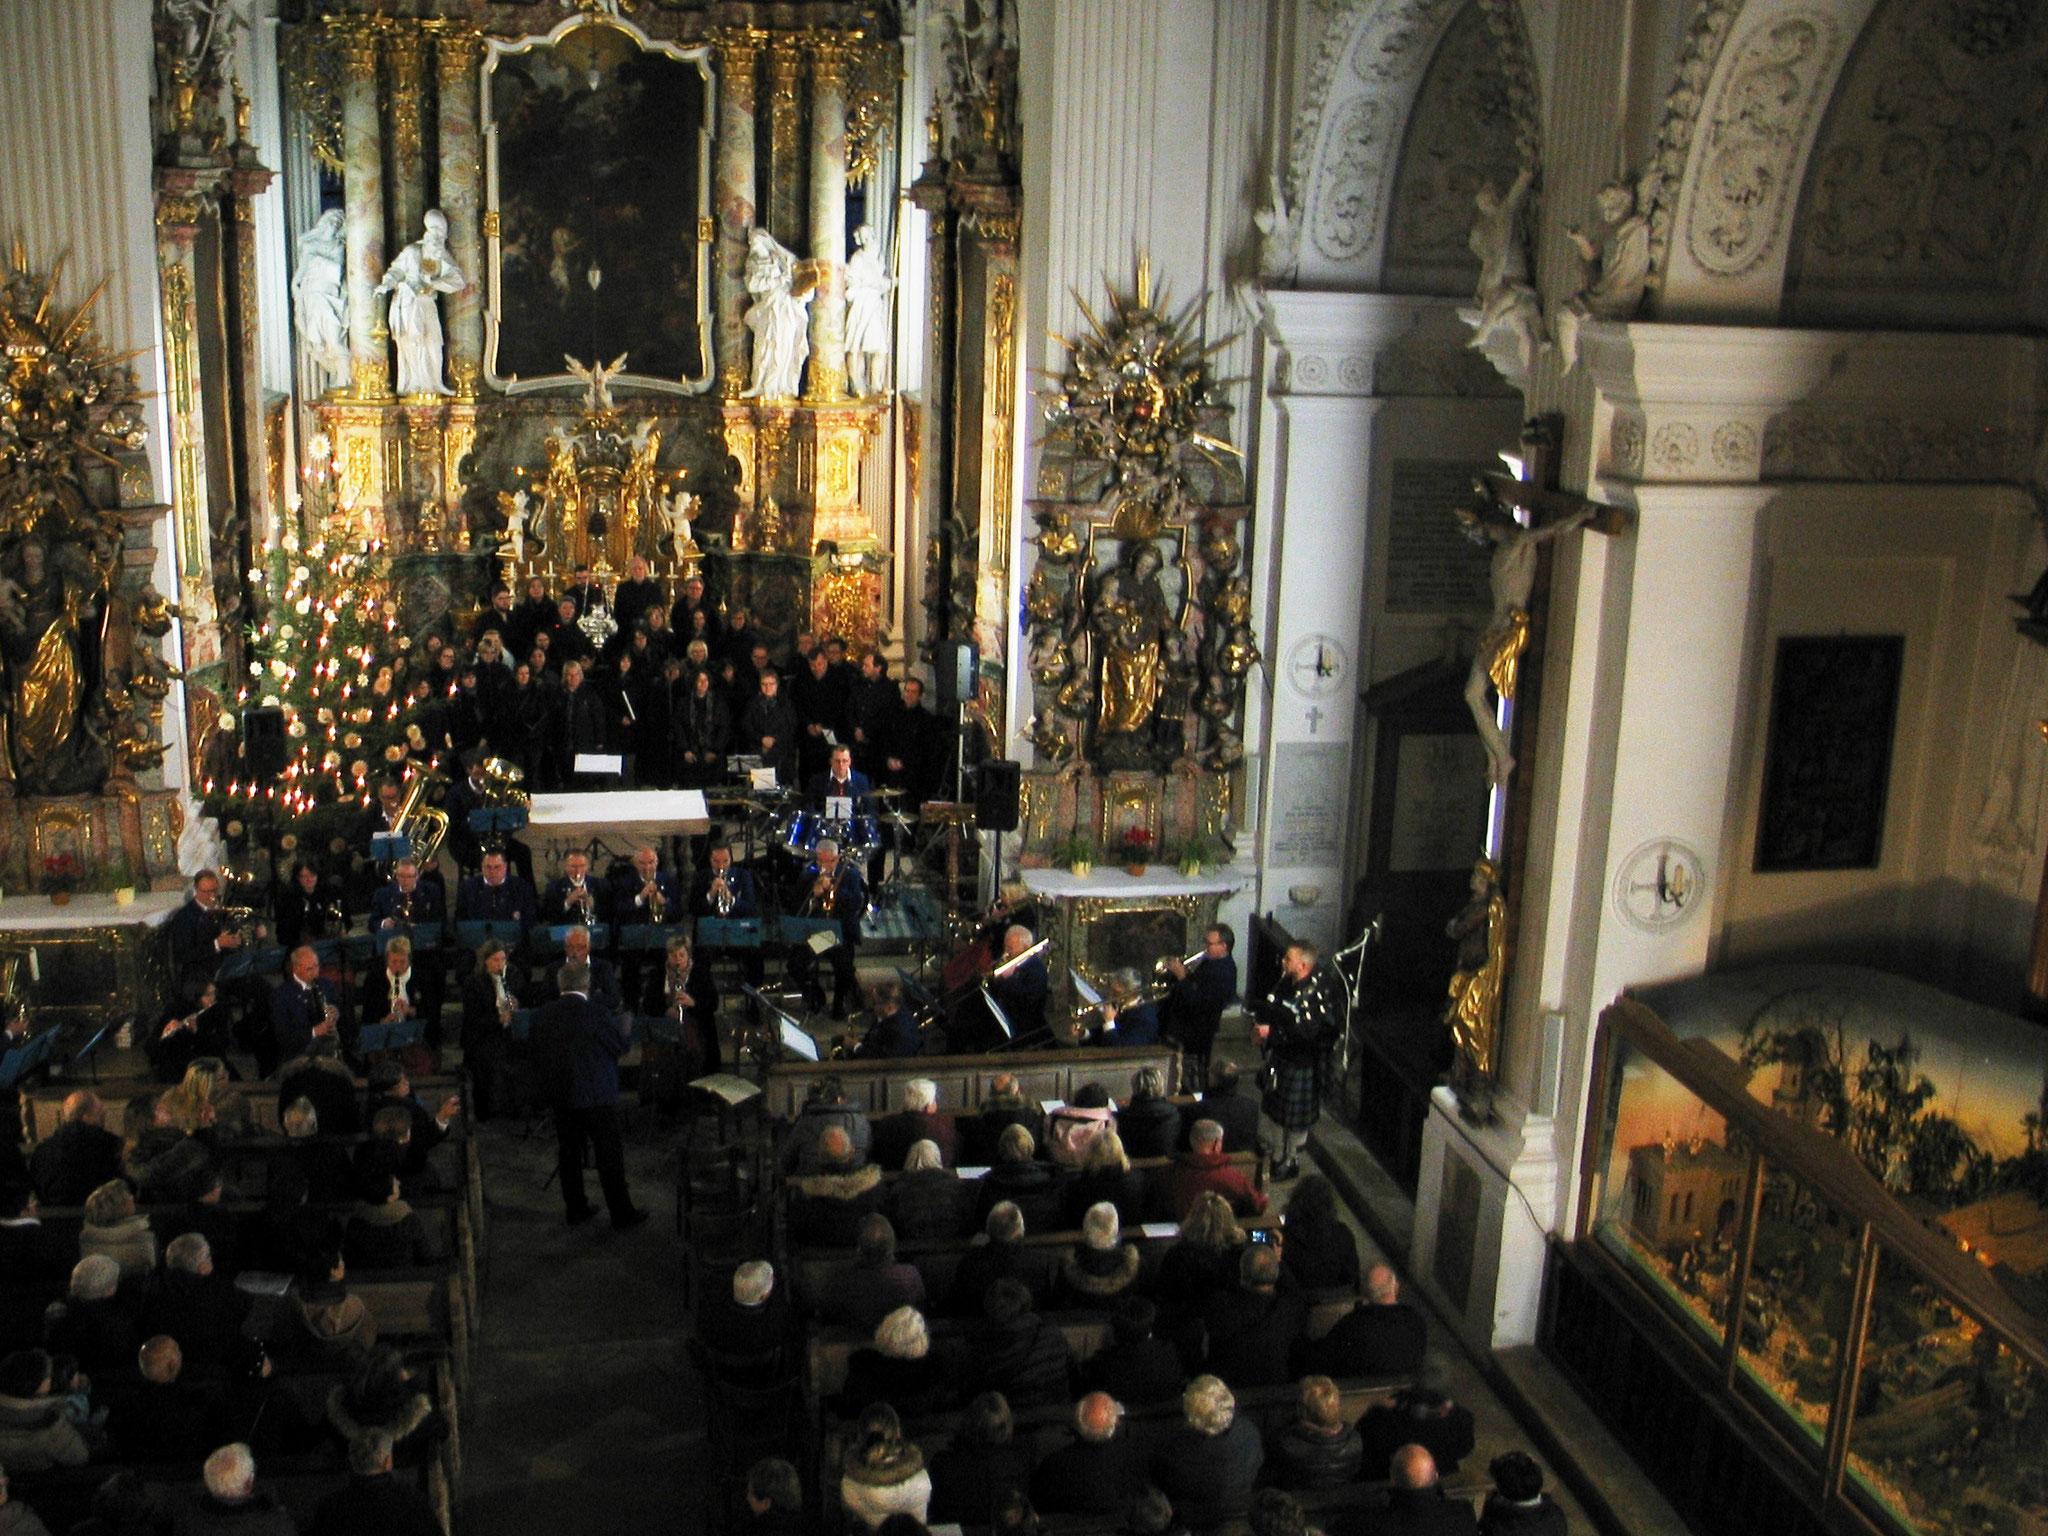 schenkten den begeisterten Besuchern ein wunderbares Konzert in der Klosterkirche Holzen: die Stadtkapelle Gersthofen, Leitung Bernhard Hoffmann, die Gruppe Delicious der Sing- und Musikschule Gersthofen und der Erwachsenenchor der Sing- und Musikschule